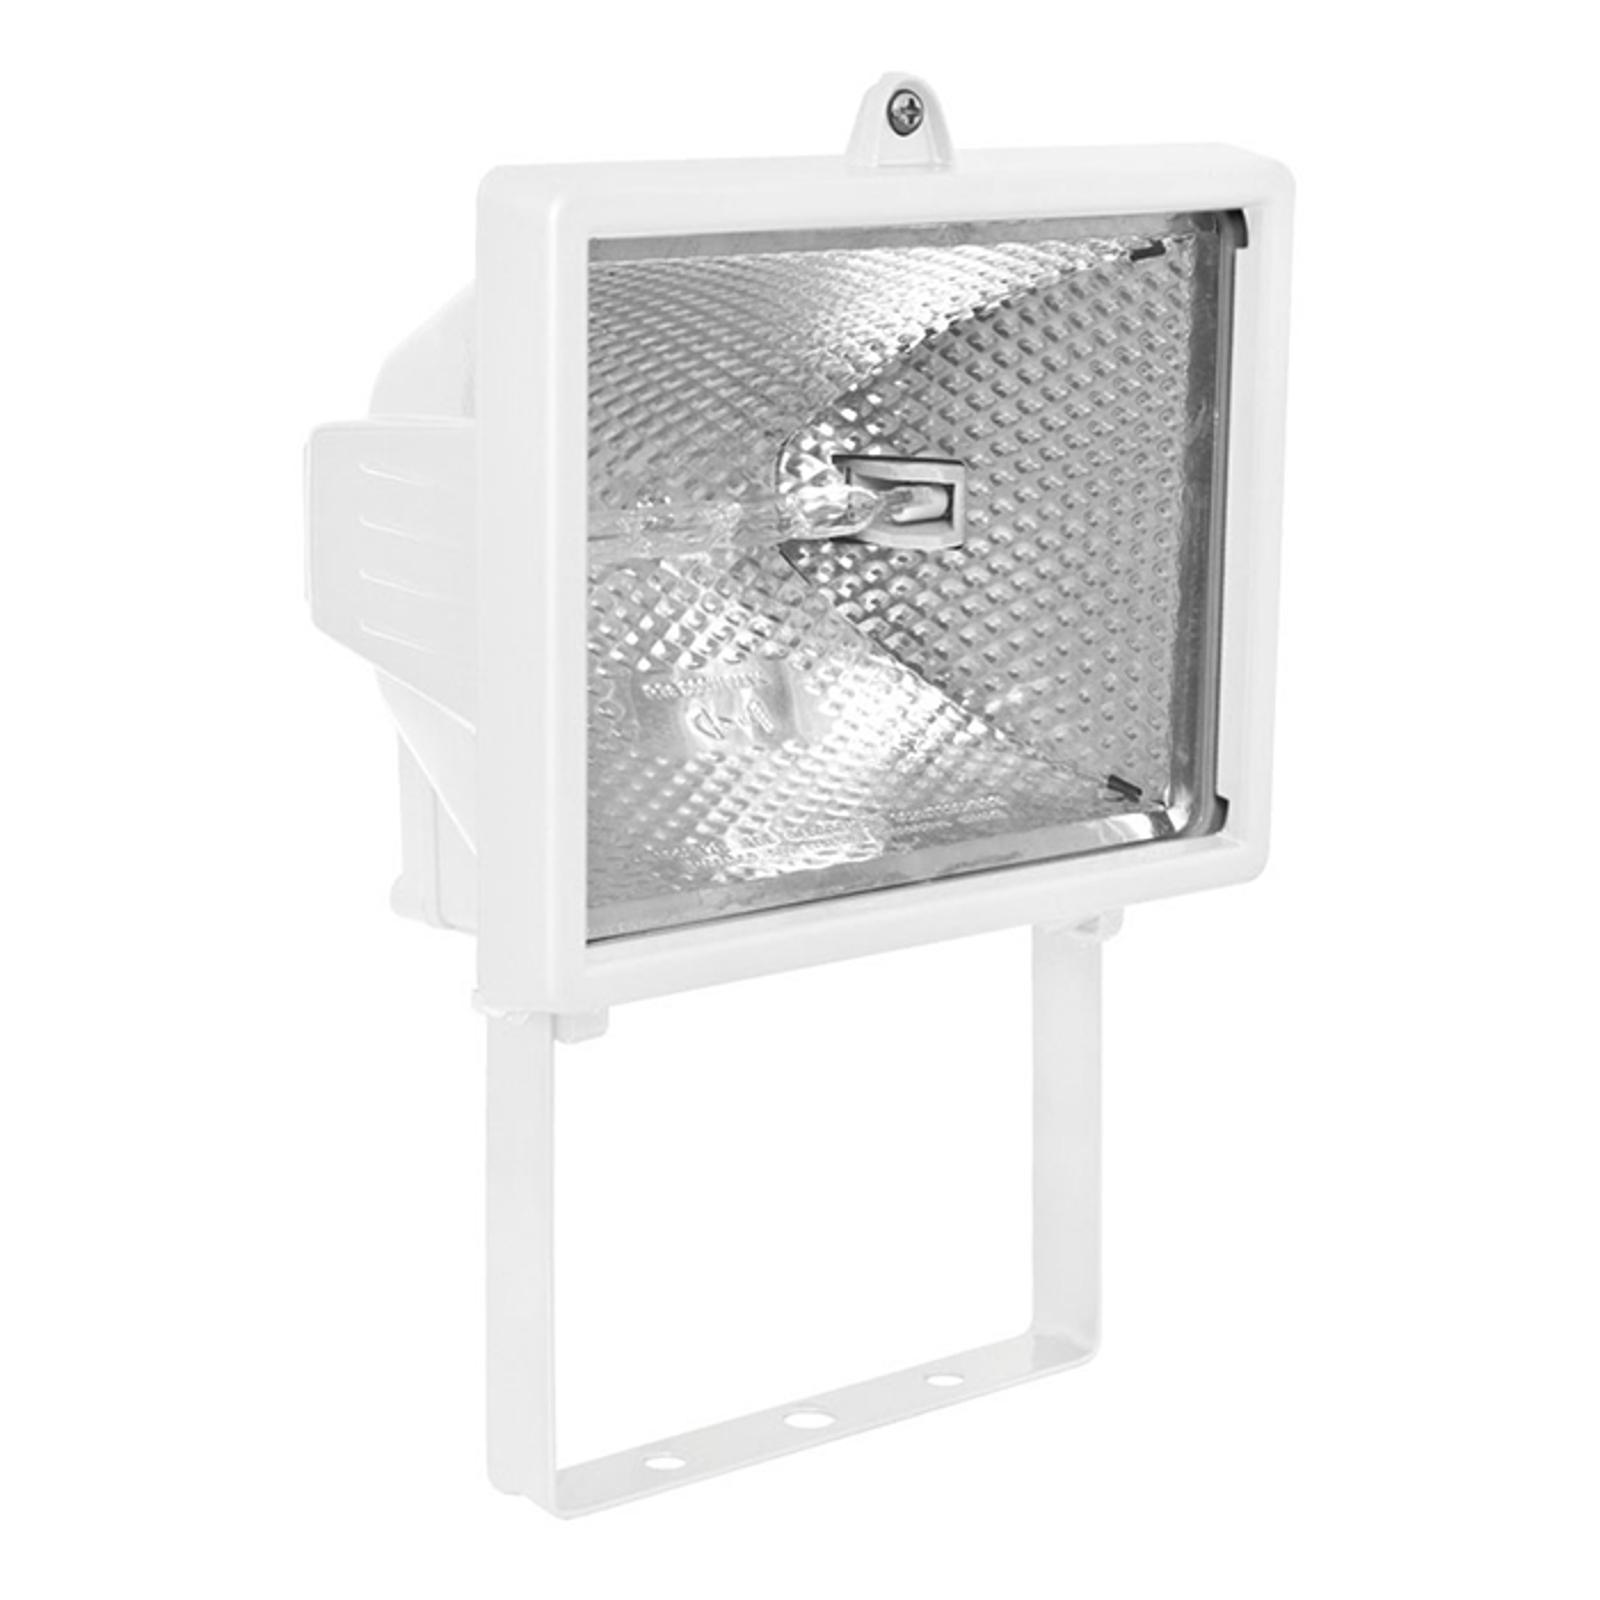 Obrotowy reflektor zewnętrzny POWER II 400 W biały